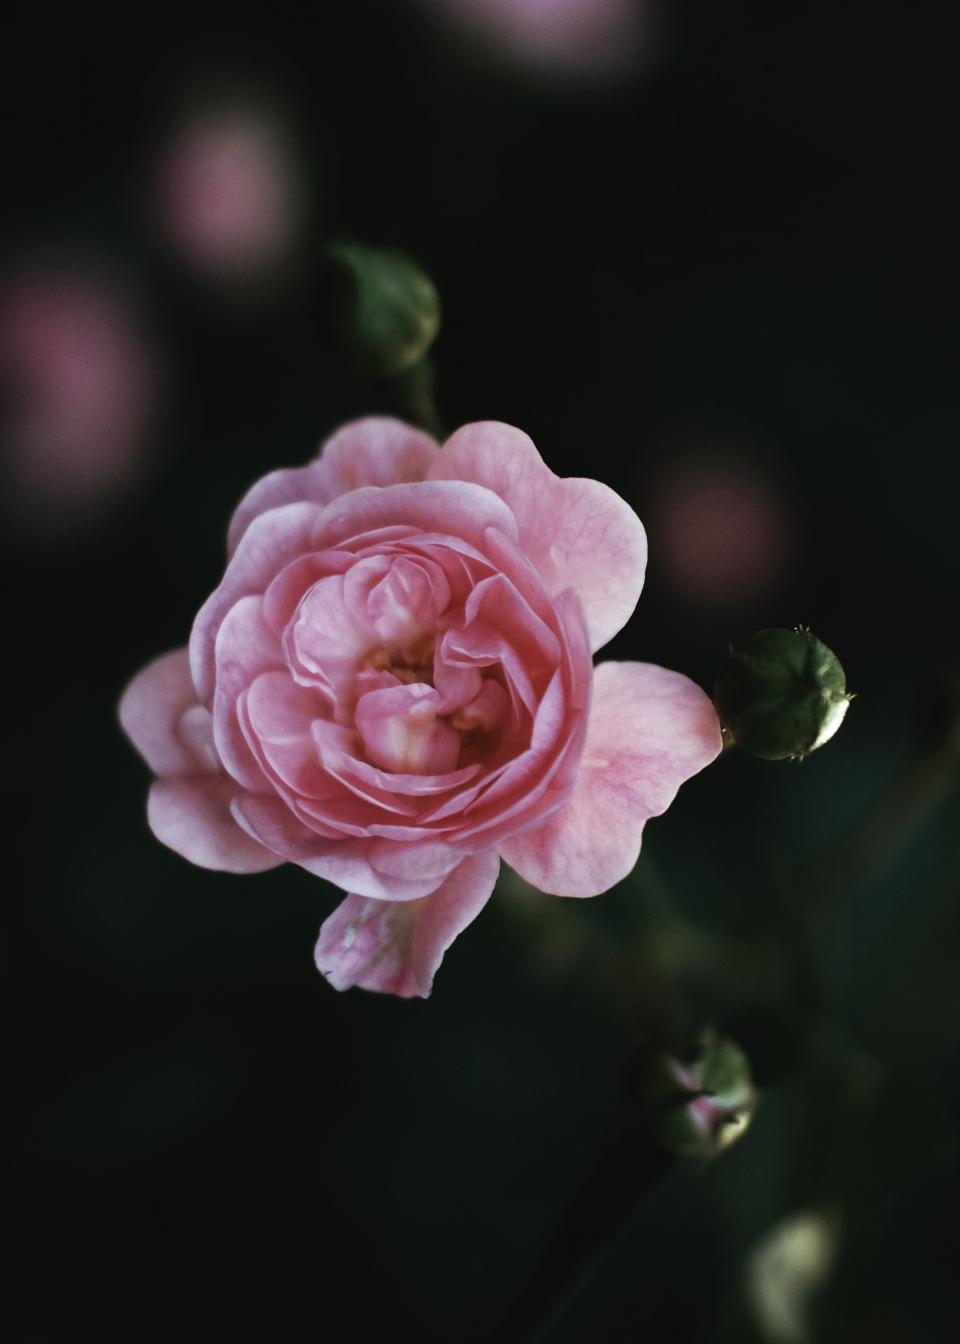 pink, petal, flower, blur, outdoor